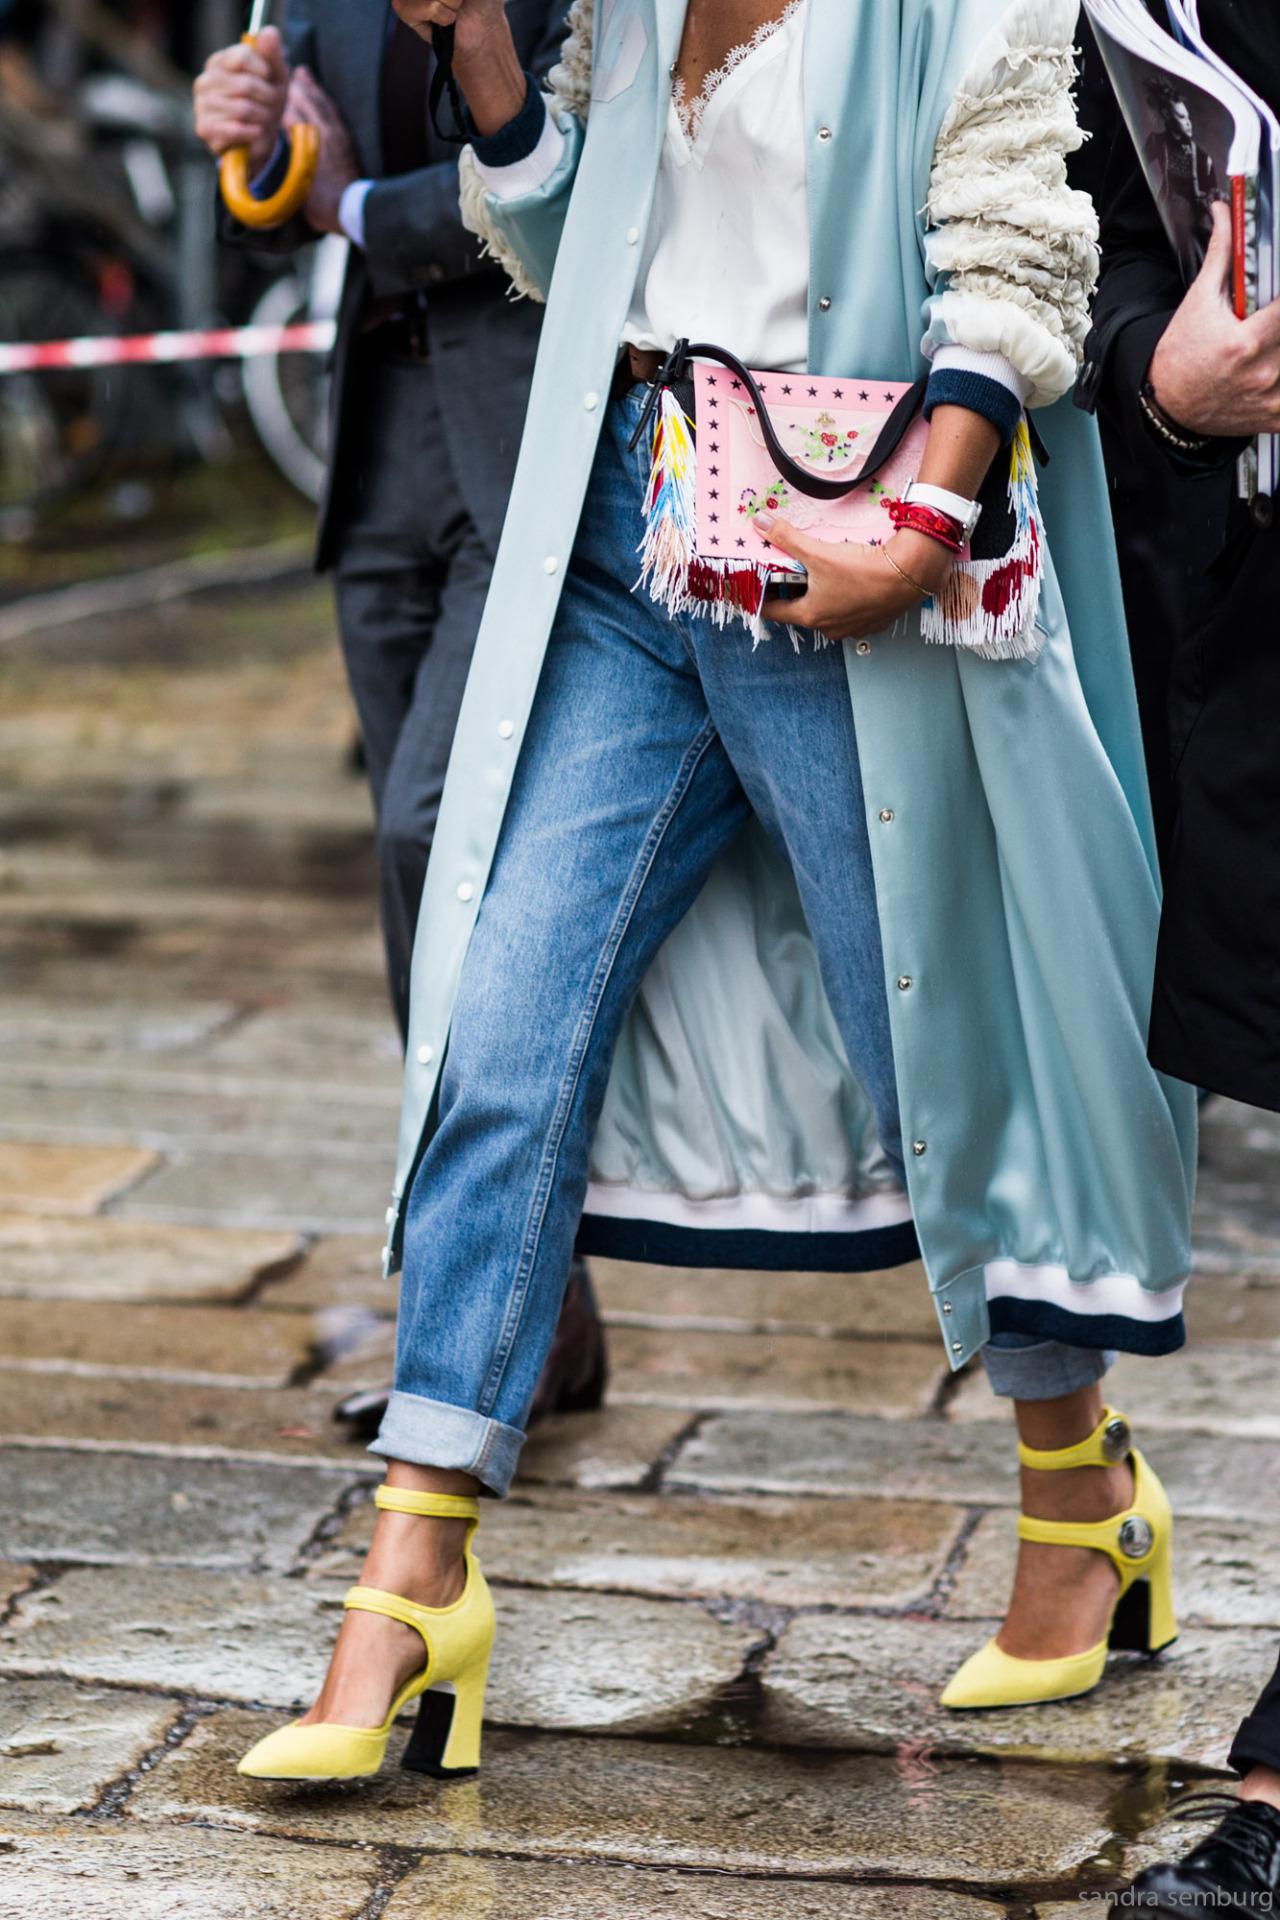 áo khoác dáng dài màu xanh và giày cao gót màu vàng chanh